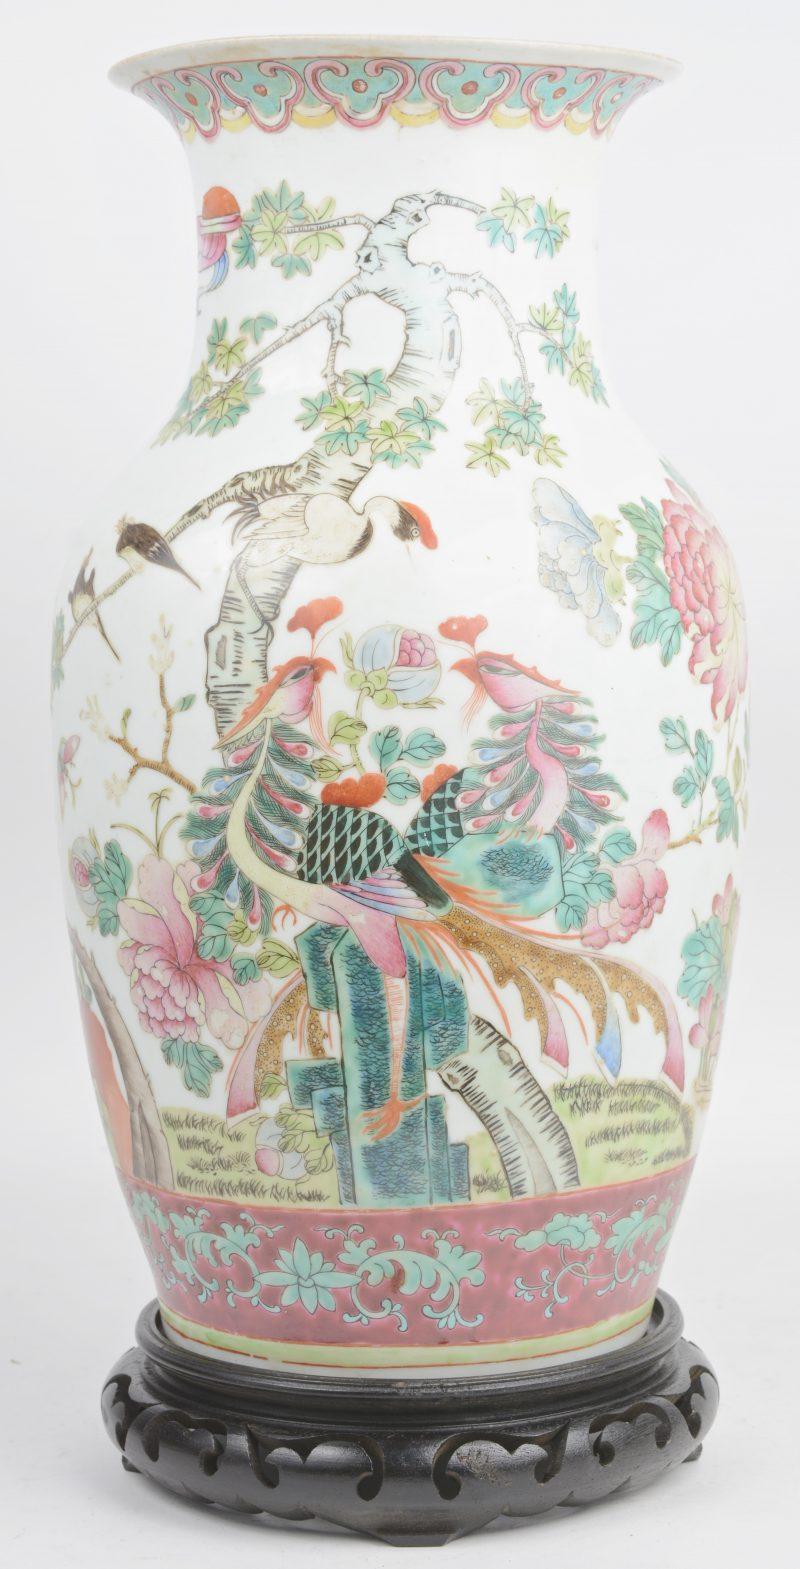 Chinese vaas van polychroom porselein met een famille rose decor. XXste eeuw. Op houten sokkel.